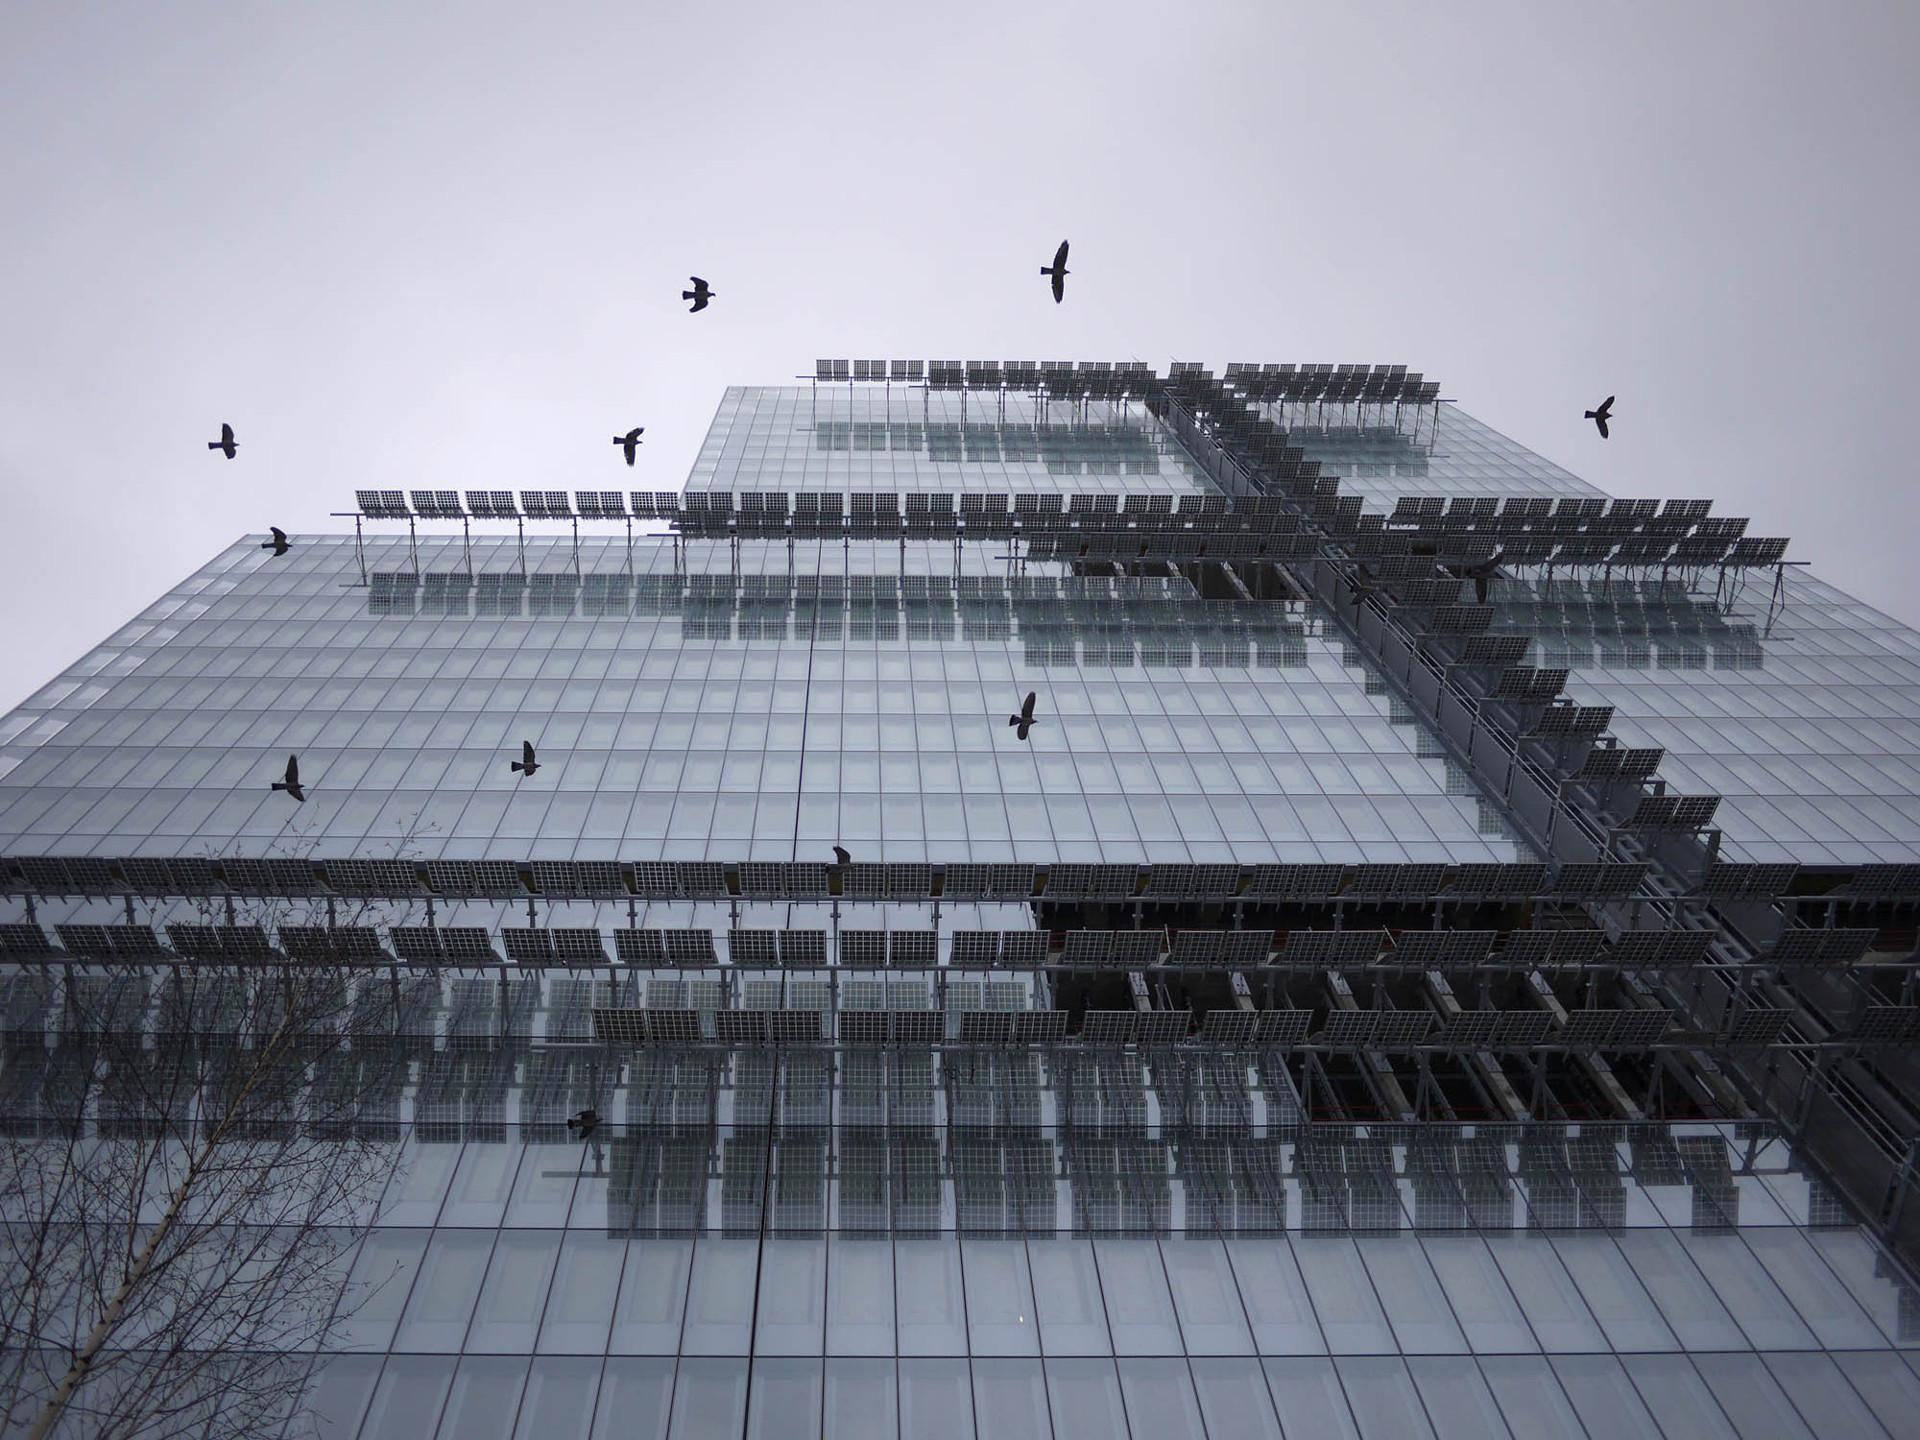 Façade en verre et panneaux photovoltaïques pour le Palais de Justice RPBW de Paris